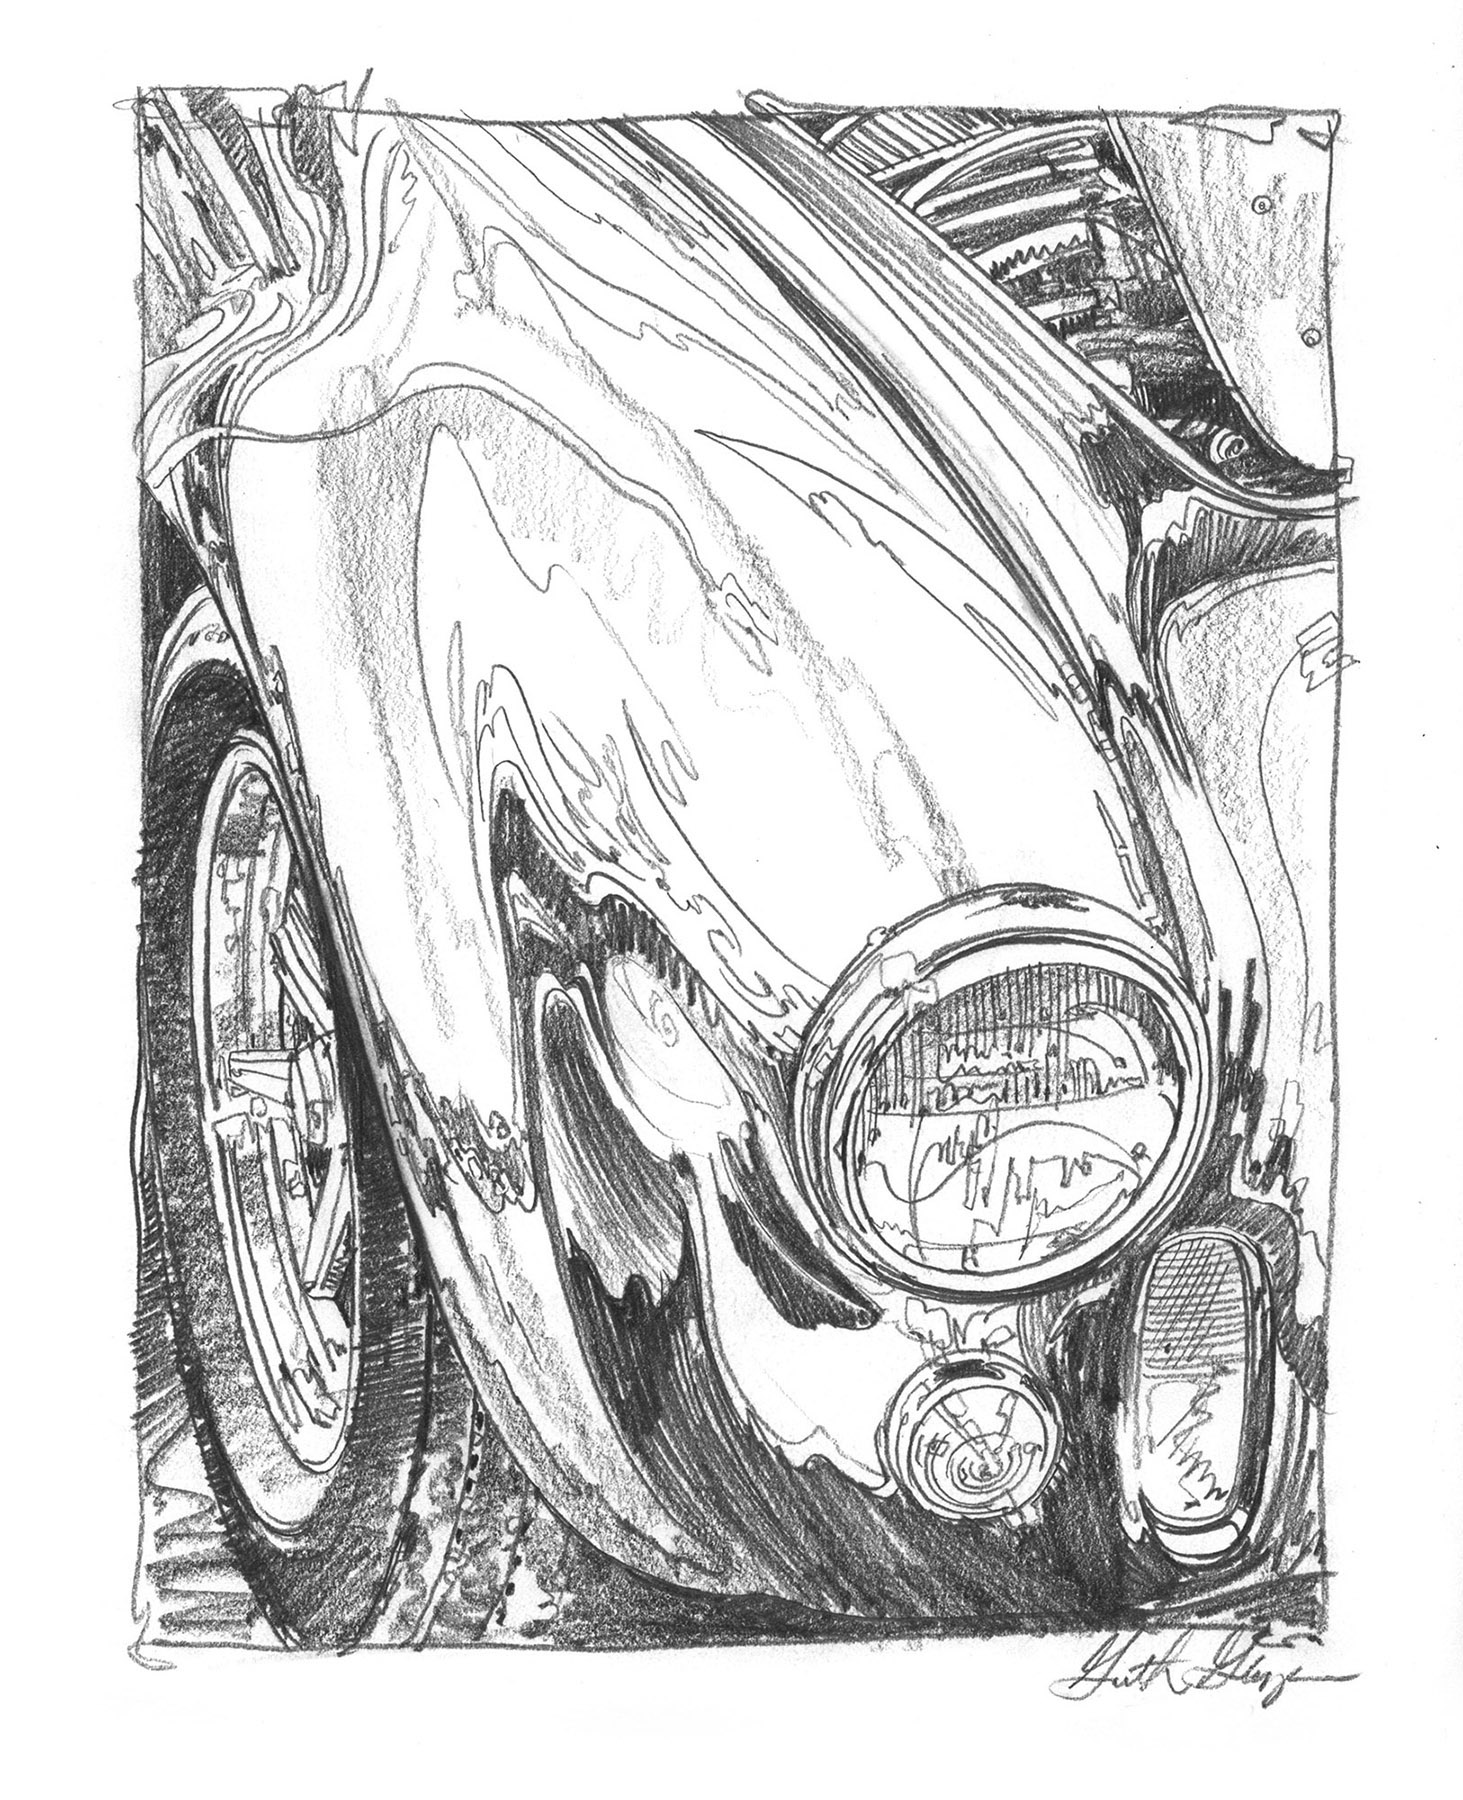 Garth Glazier - CLASSIC CAR DRAWINGS